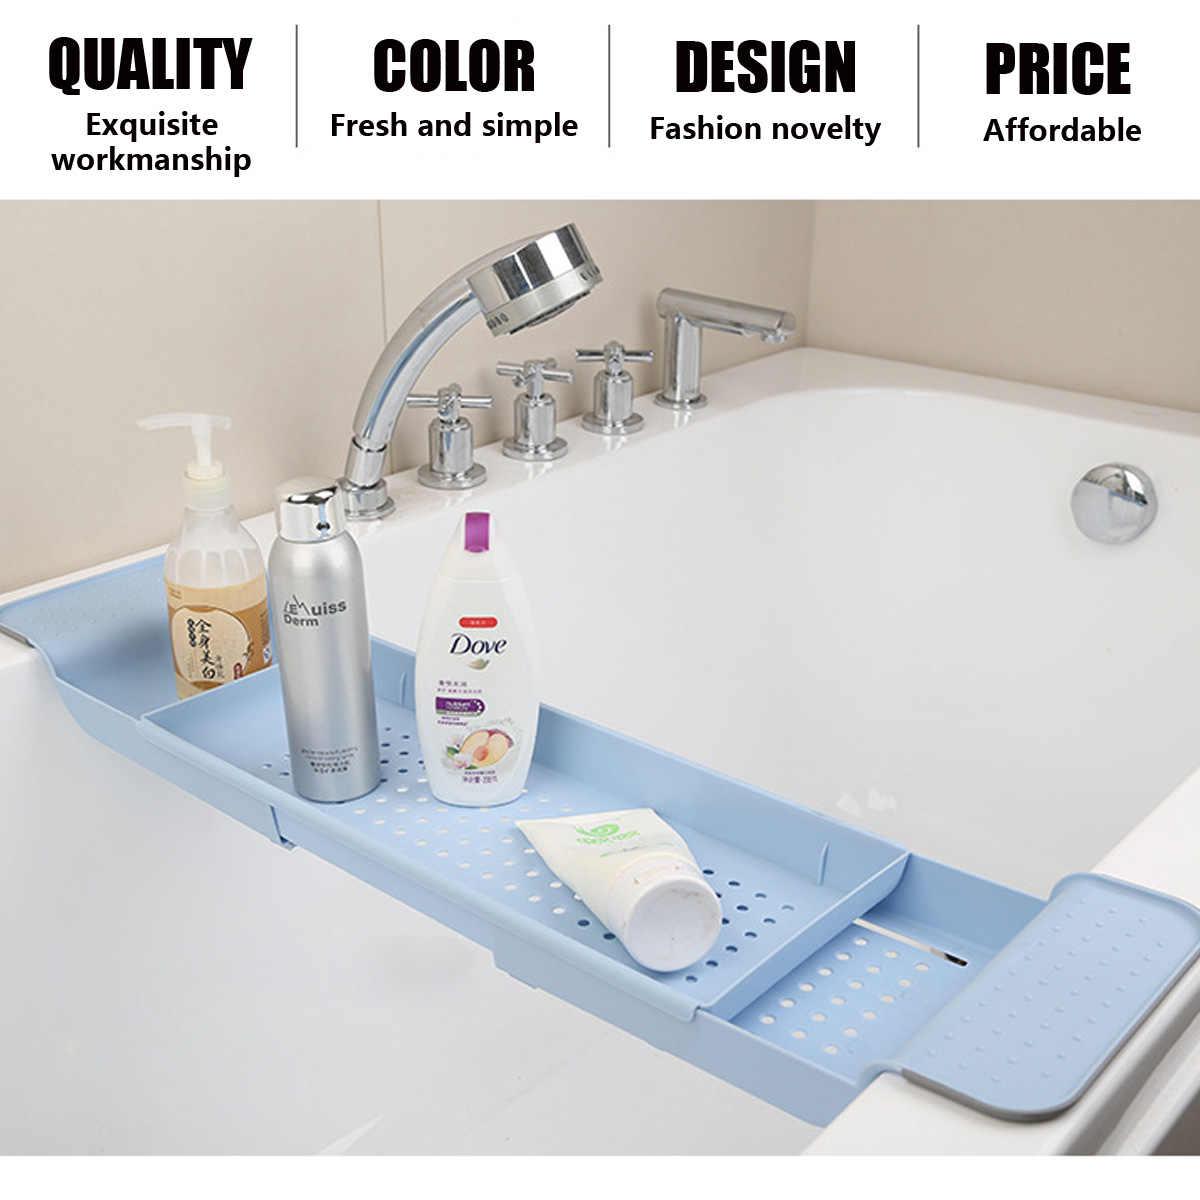 Adjustable Bathtub Pemegang Rak Jembatan Bathtub Caddy Rak Nampan Shower Tub Makeup Handuk Organizer Memperpanjang Ponsel Tablet Pemegang Buku